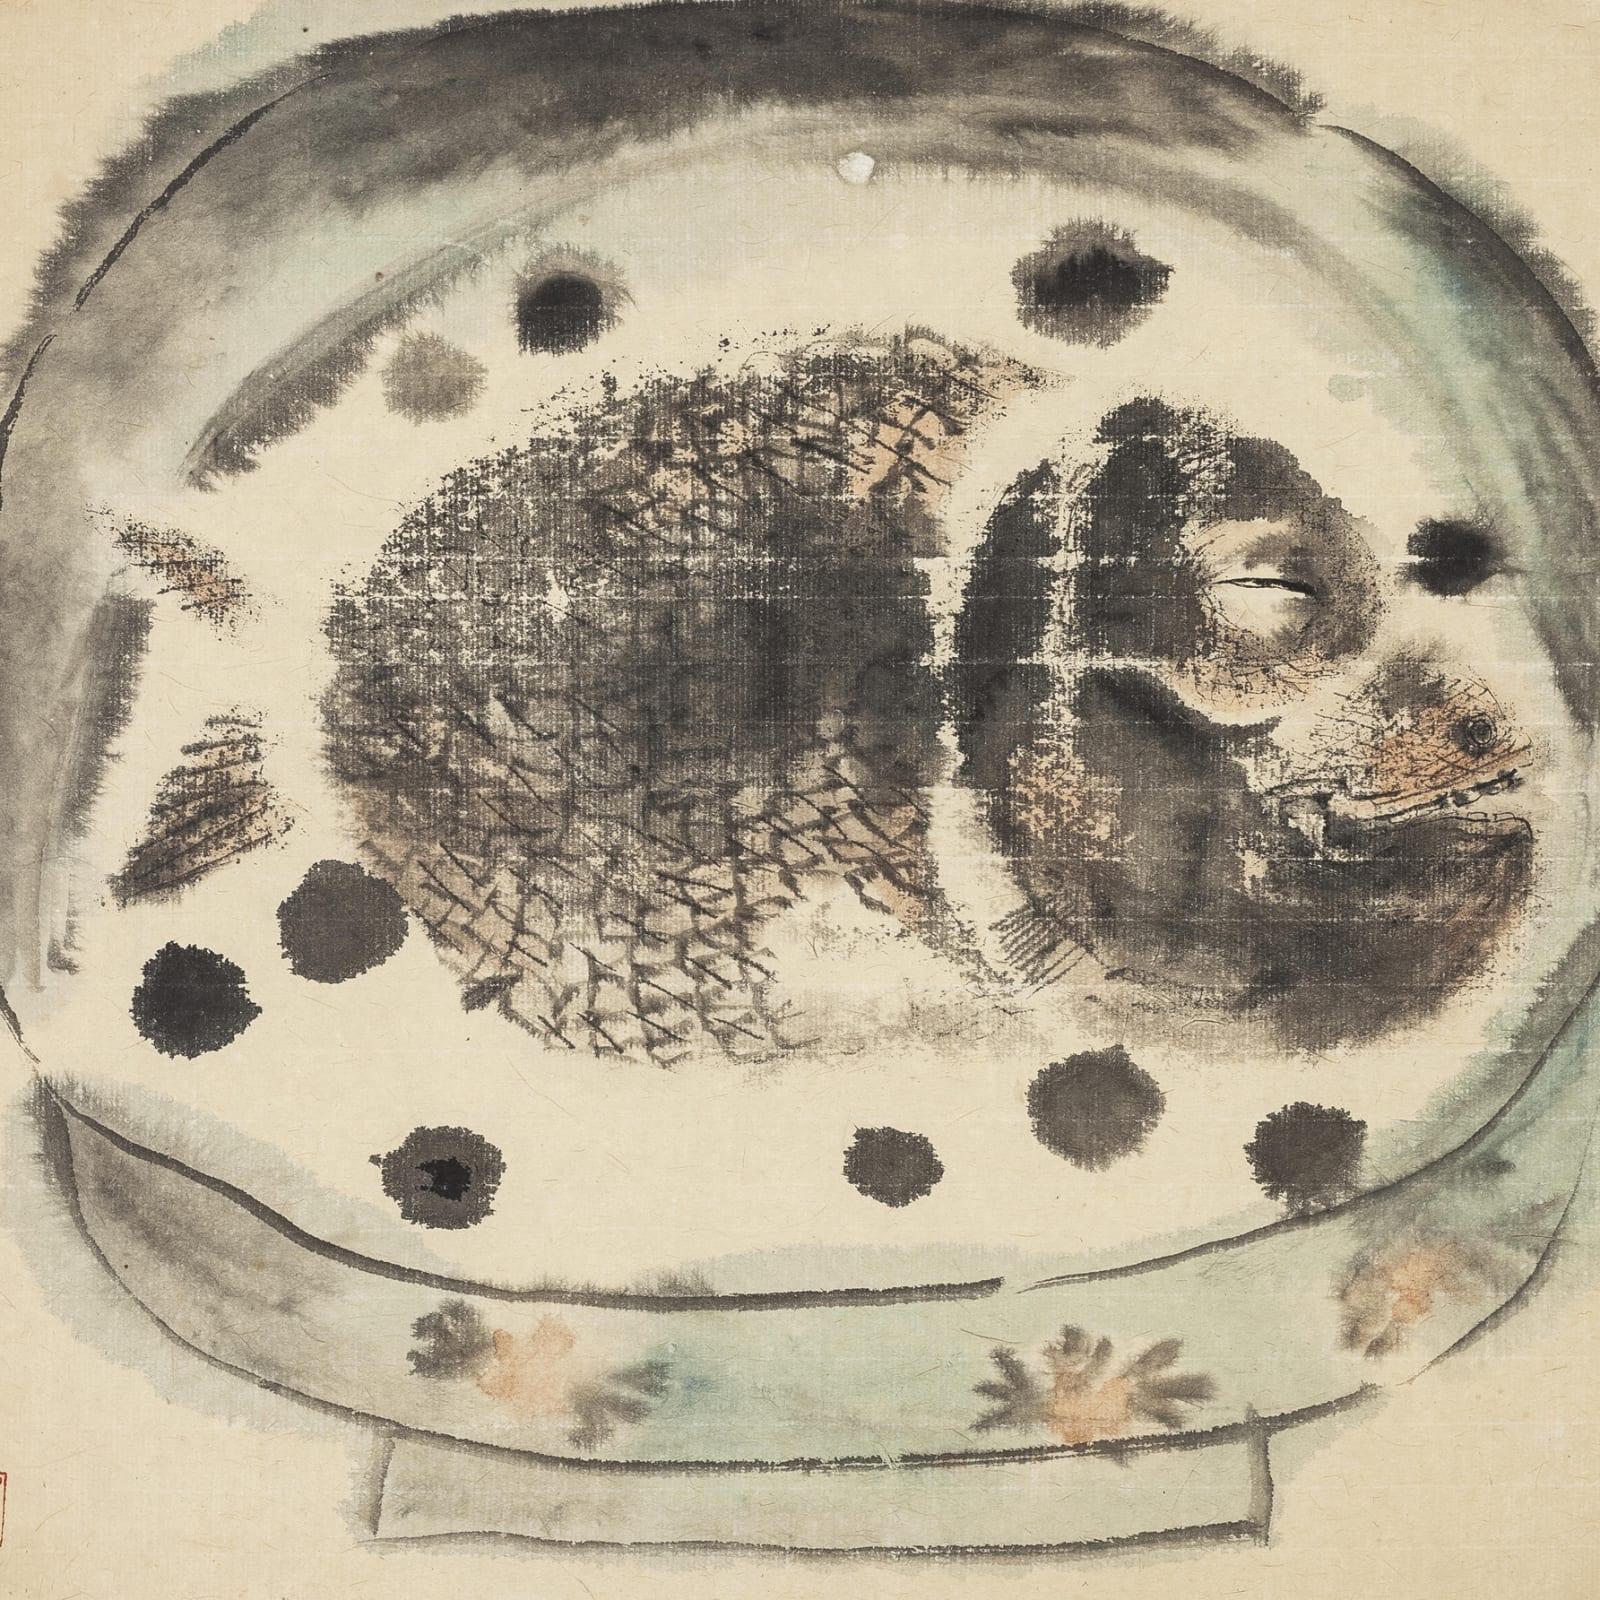 Li Jin 李津, Fish in a Bowl 碗中鱼, 1987